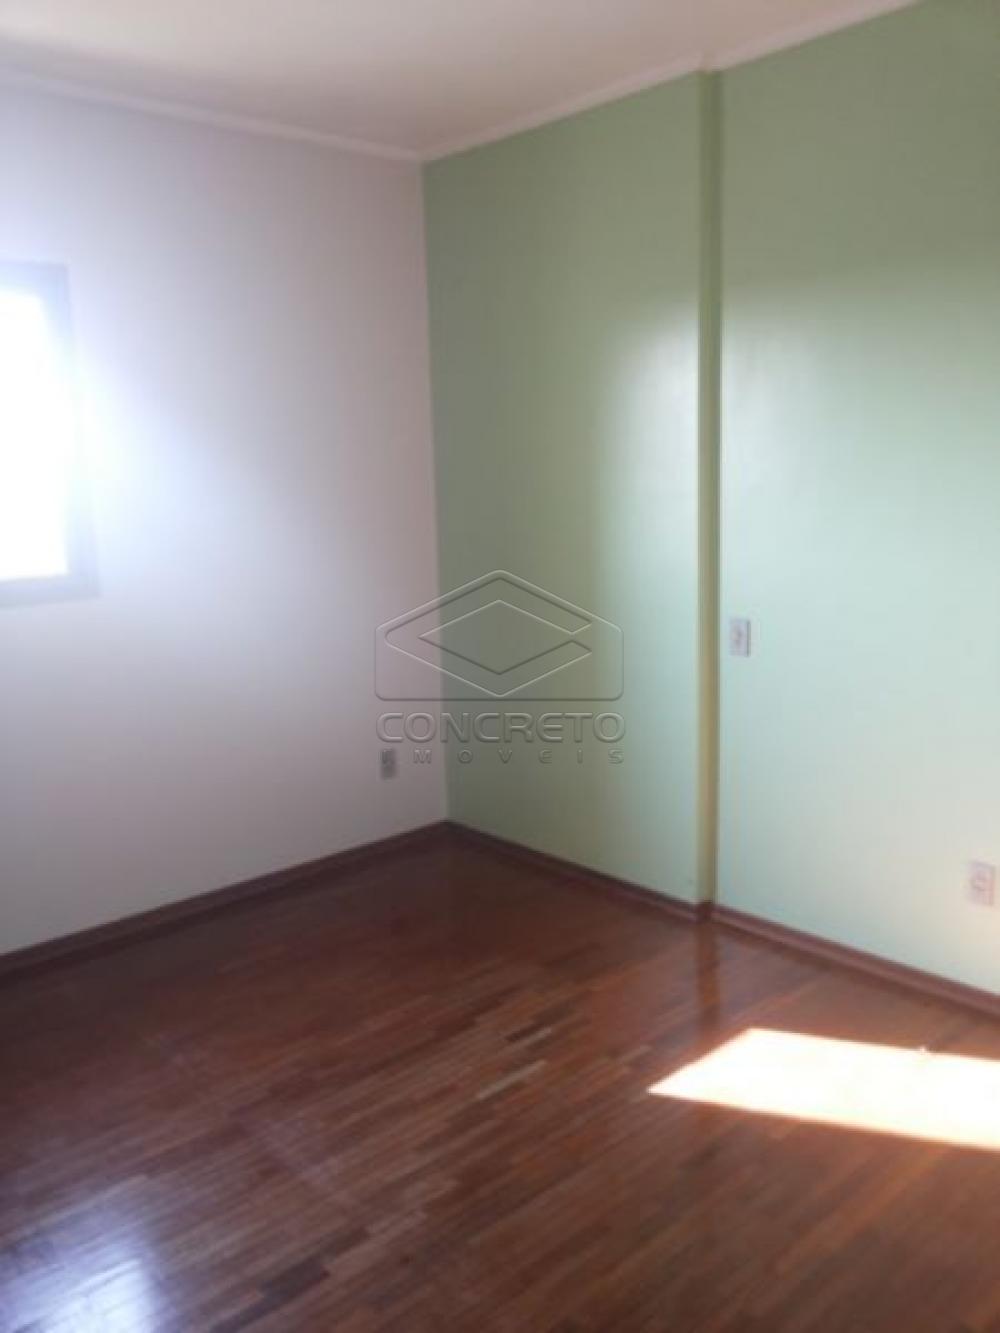 Alugar Apartamento / Padrão em Botucatu R$ 1.170,00 - Foto 2